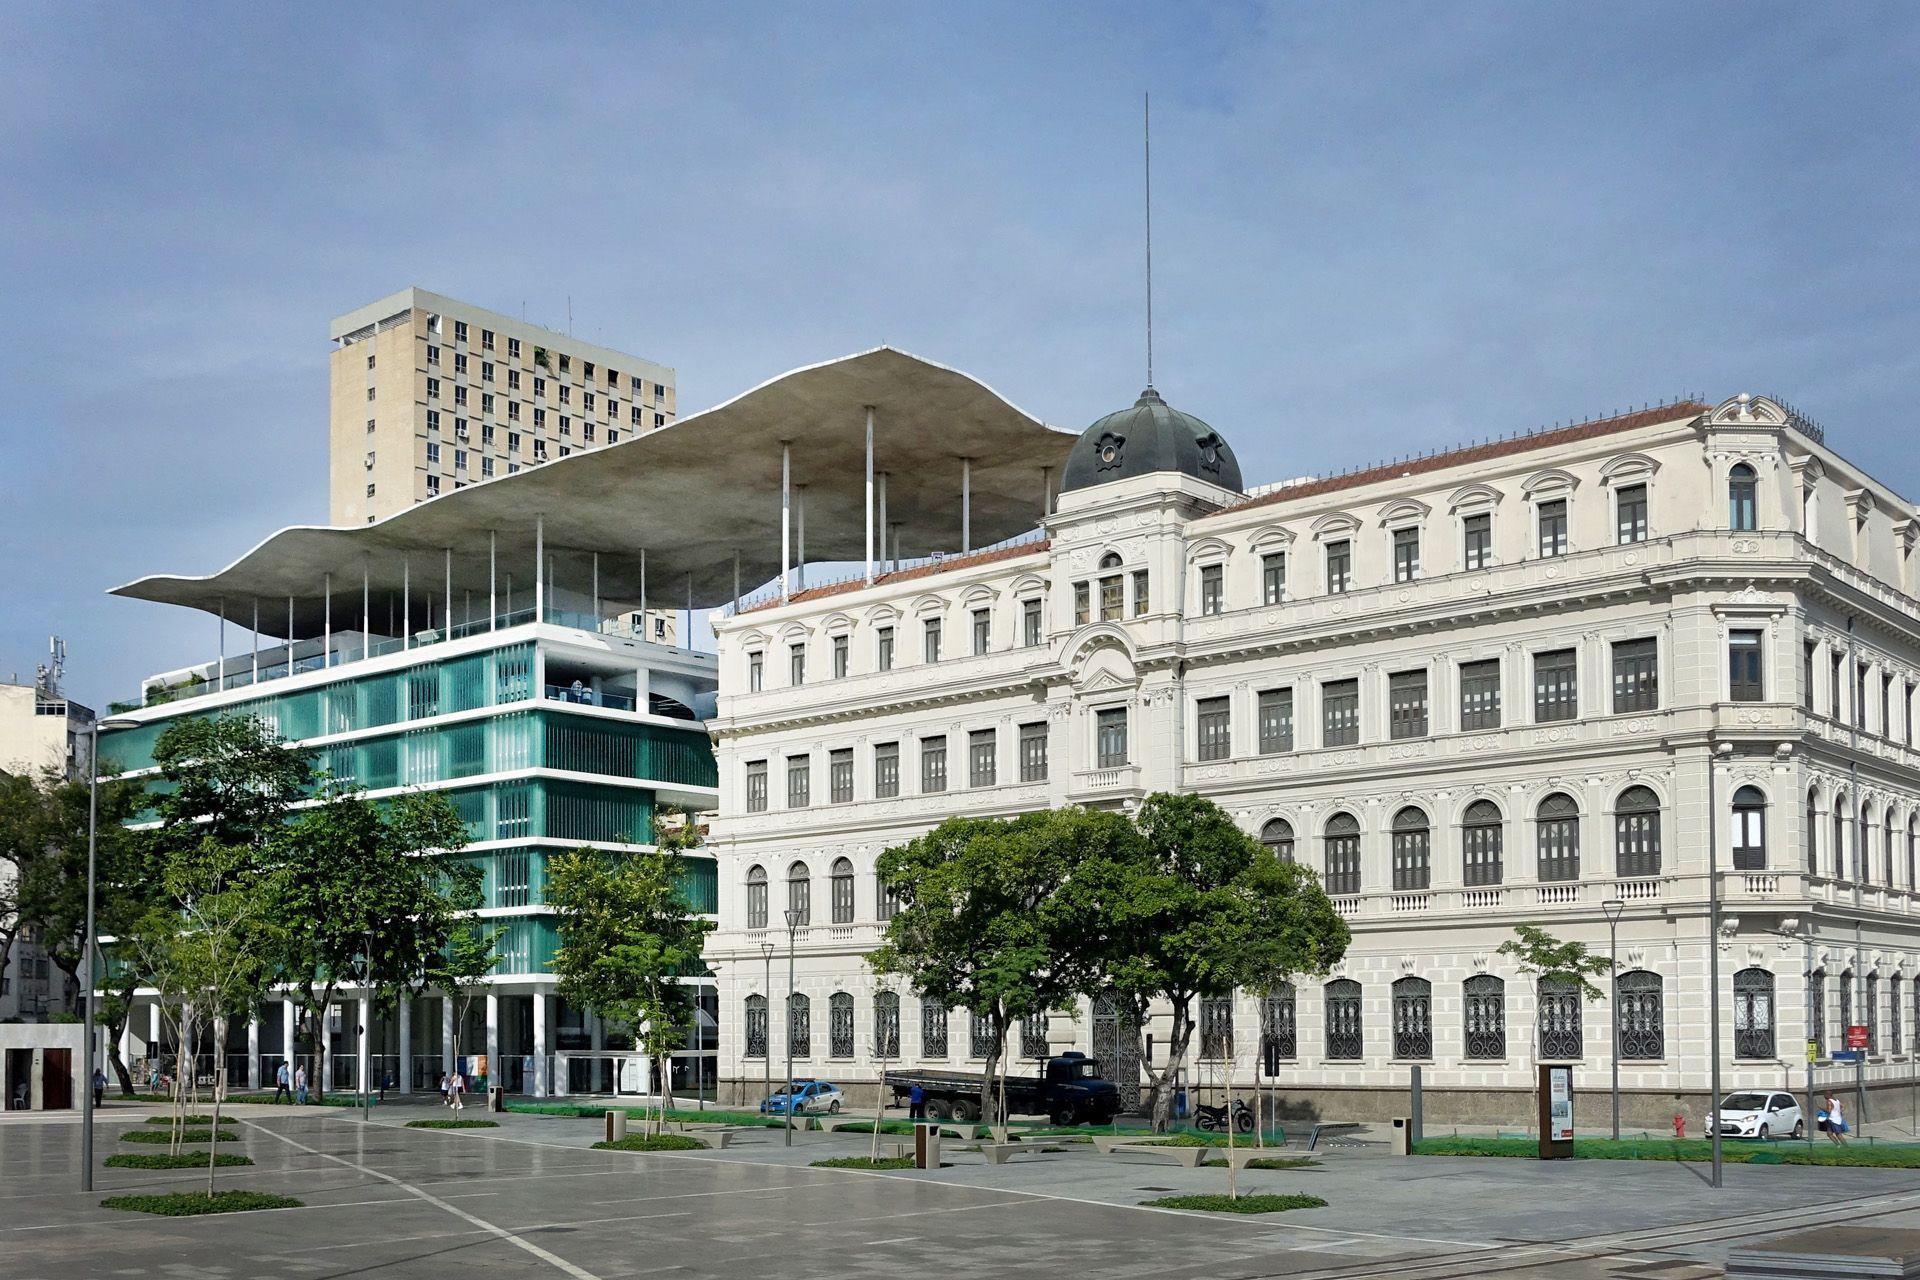 Rio de Janeiro Museum of Art Square - Guiding Architects